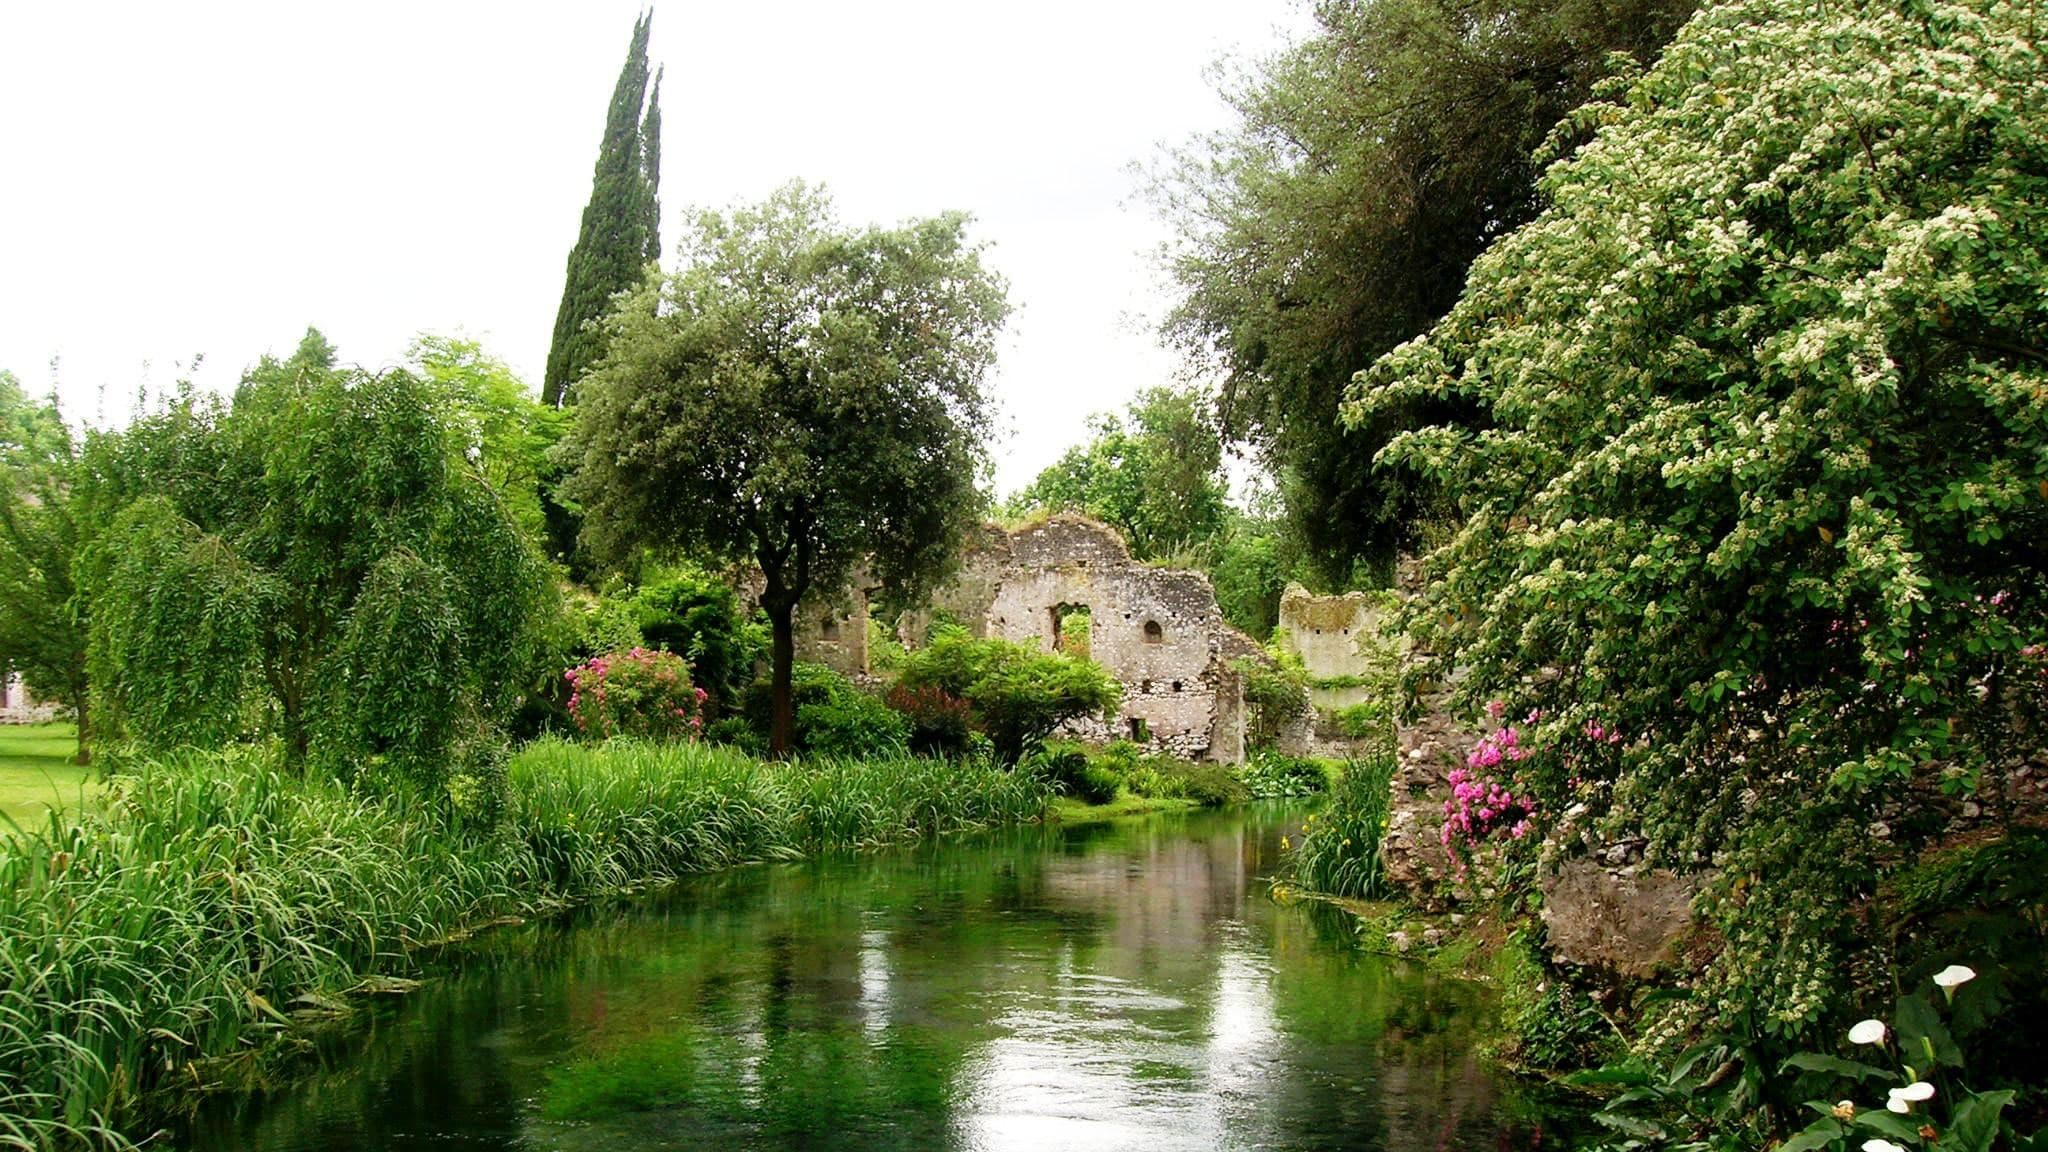 Garden of Ninfa near Rome